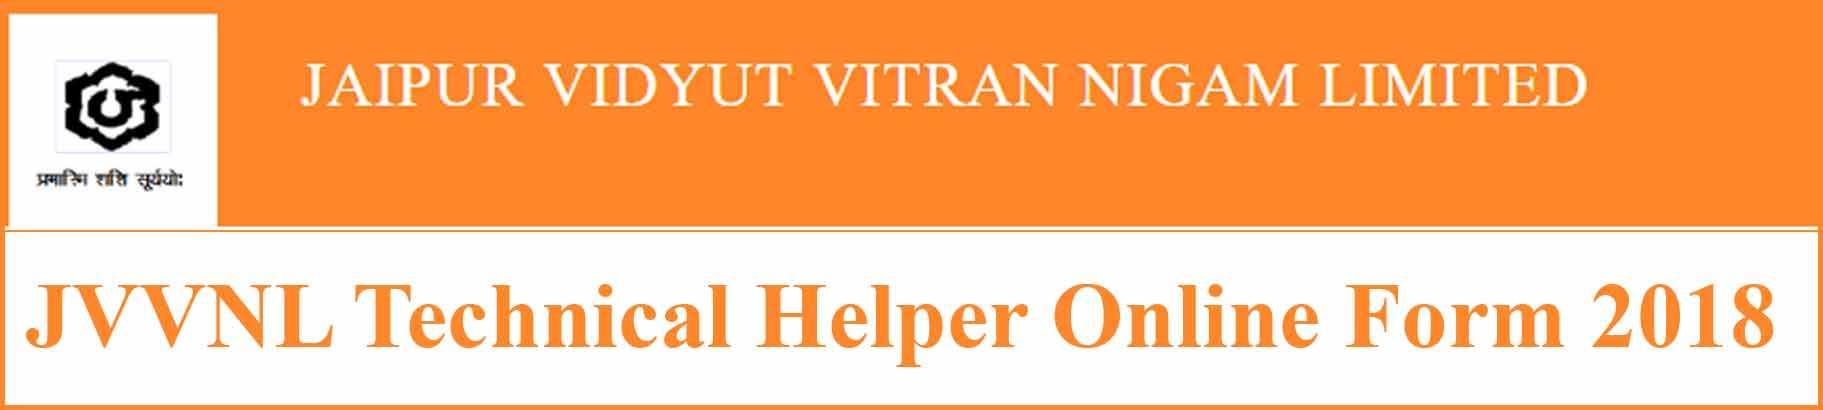 JVVNL Technical Helper Online Form 2018